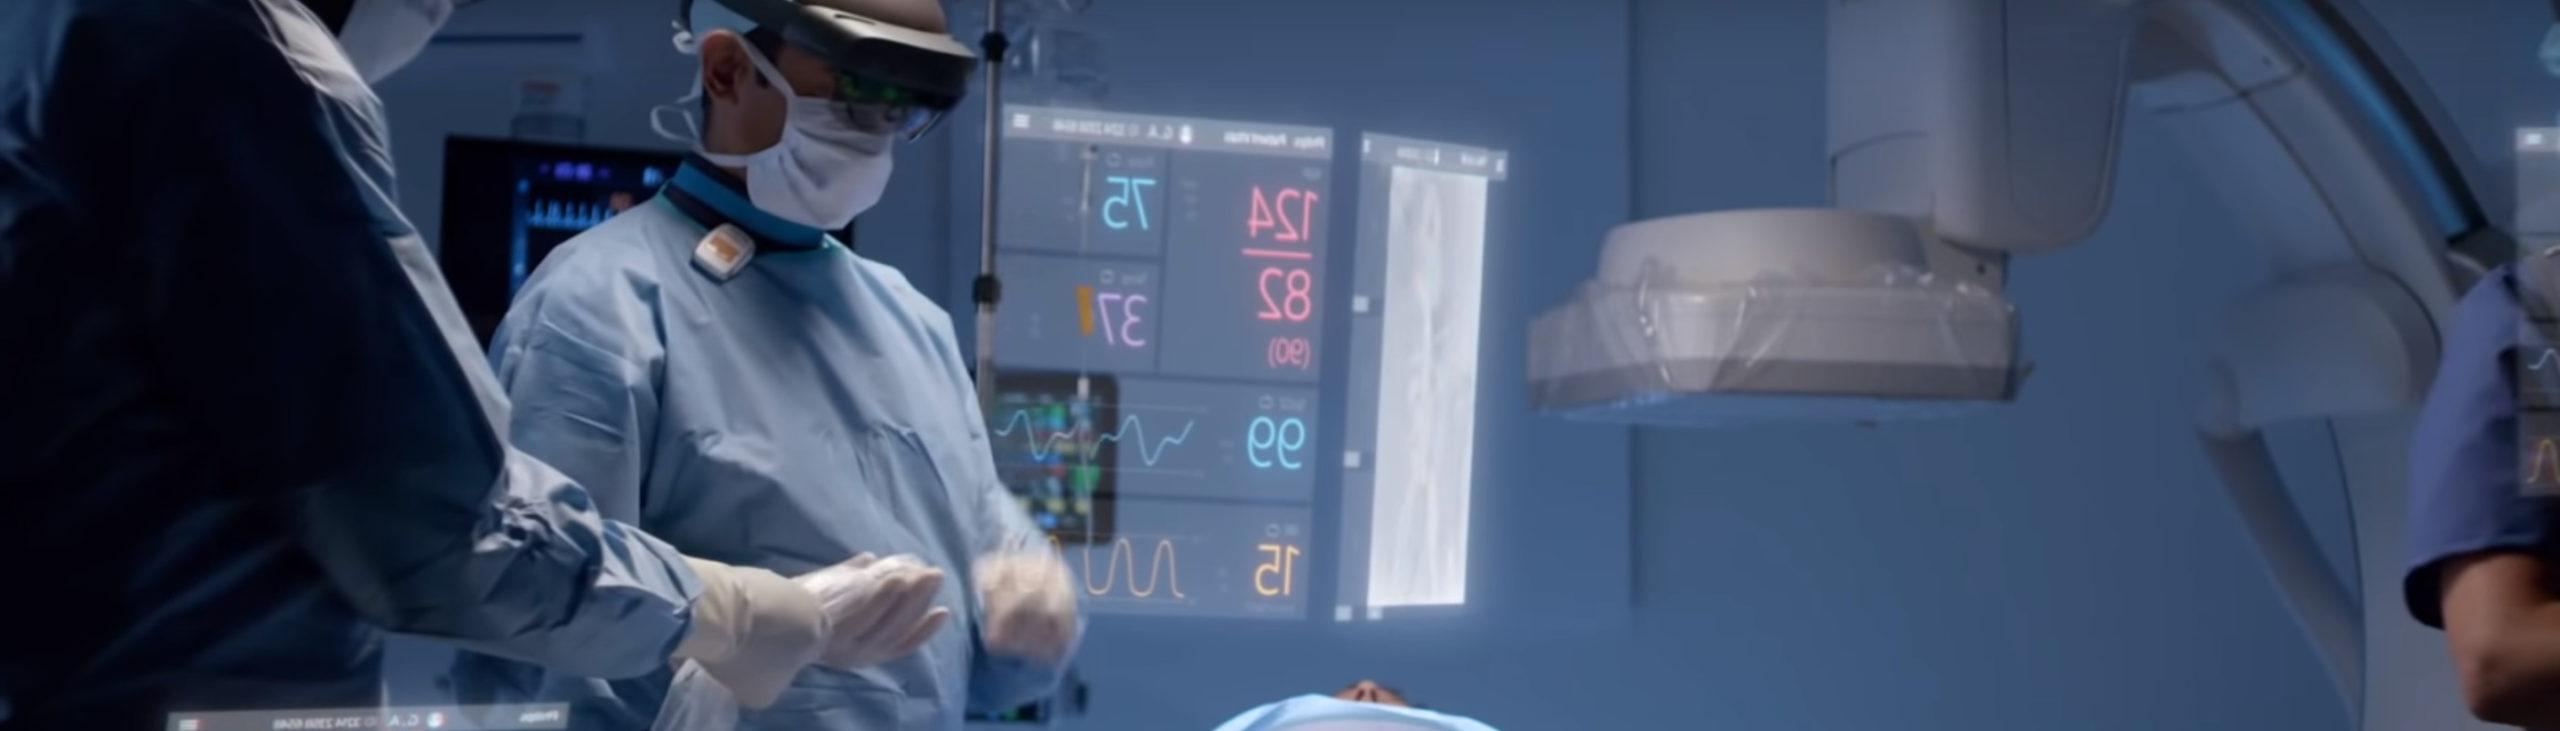 Realidad aumentada en la medicina | 93